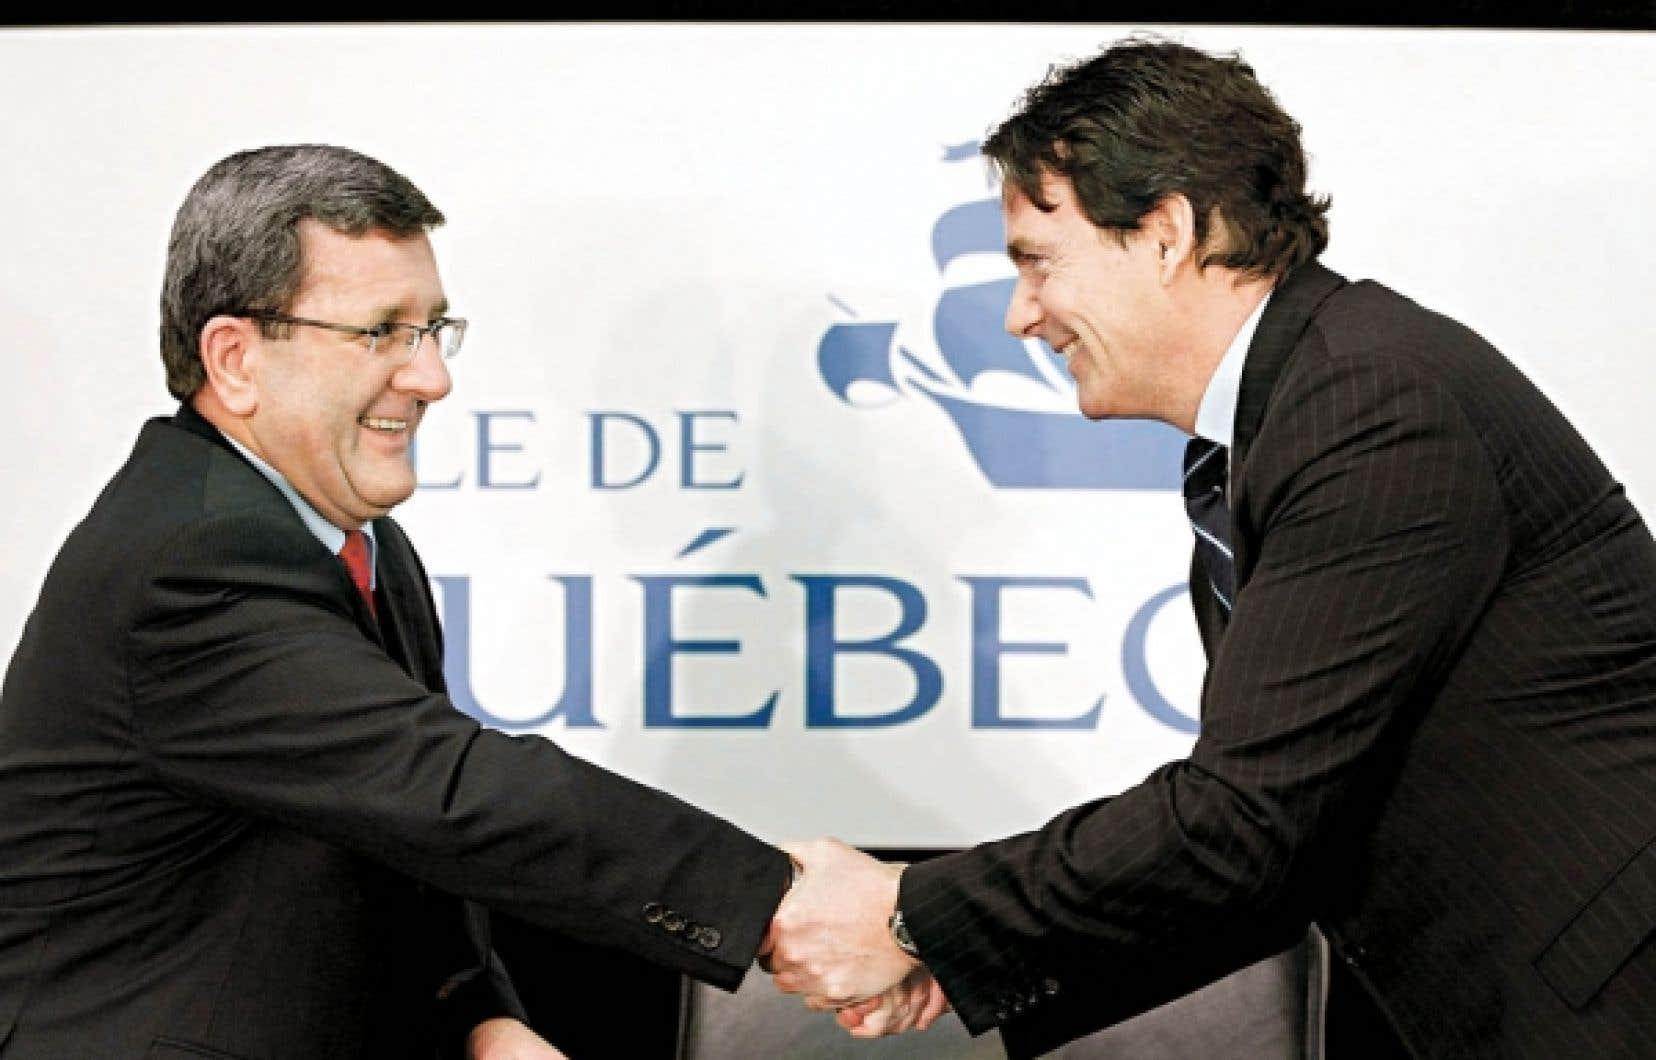 Le maire de Qu&eacute;bec, R&eacute;gis Labeaume, serre la main de Pierre Karl P&eacute;ladeau, le patron de Quebecor. <br />